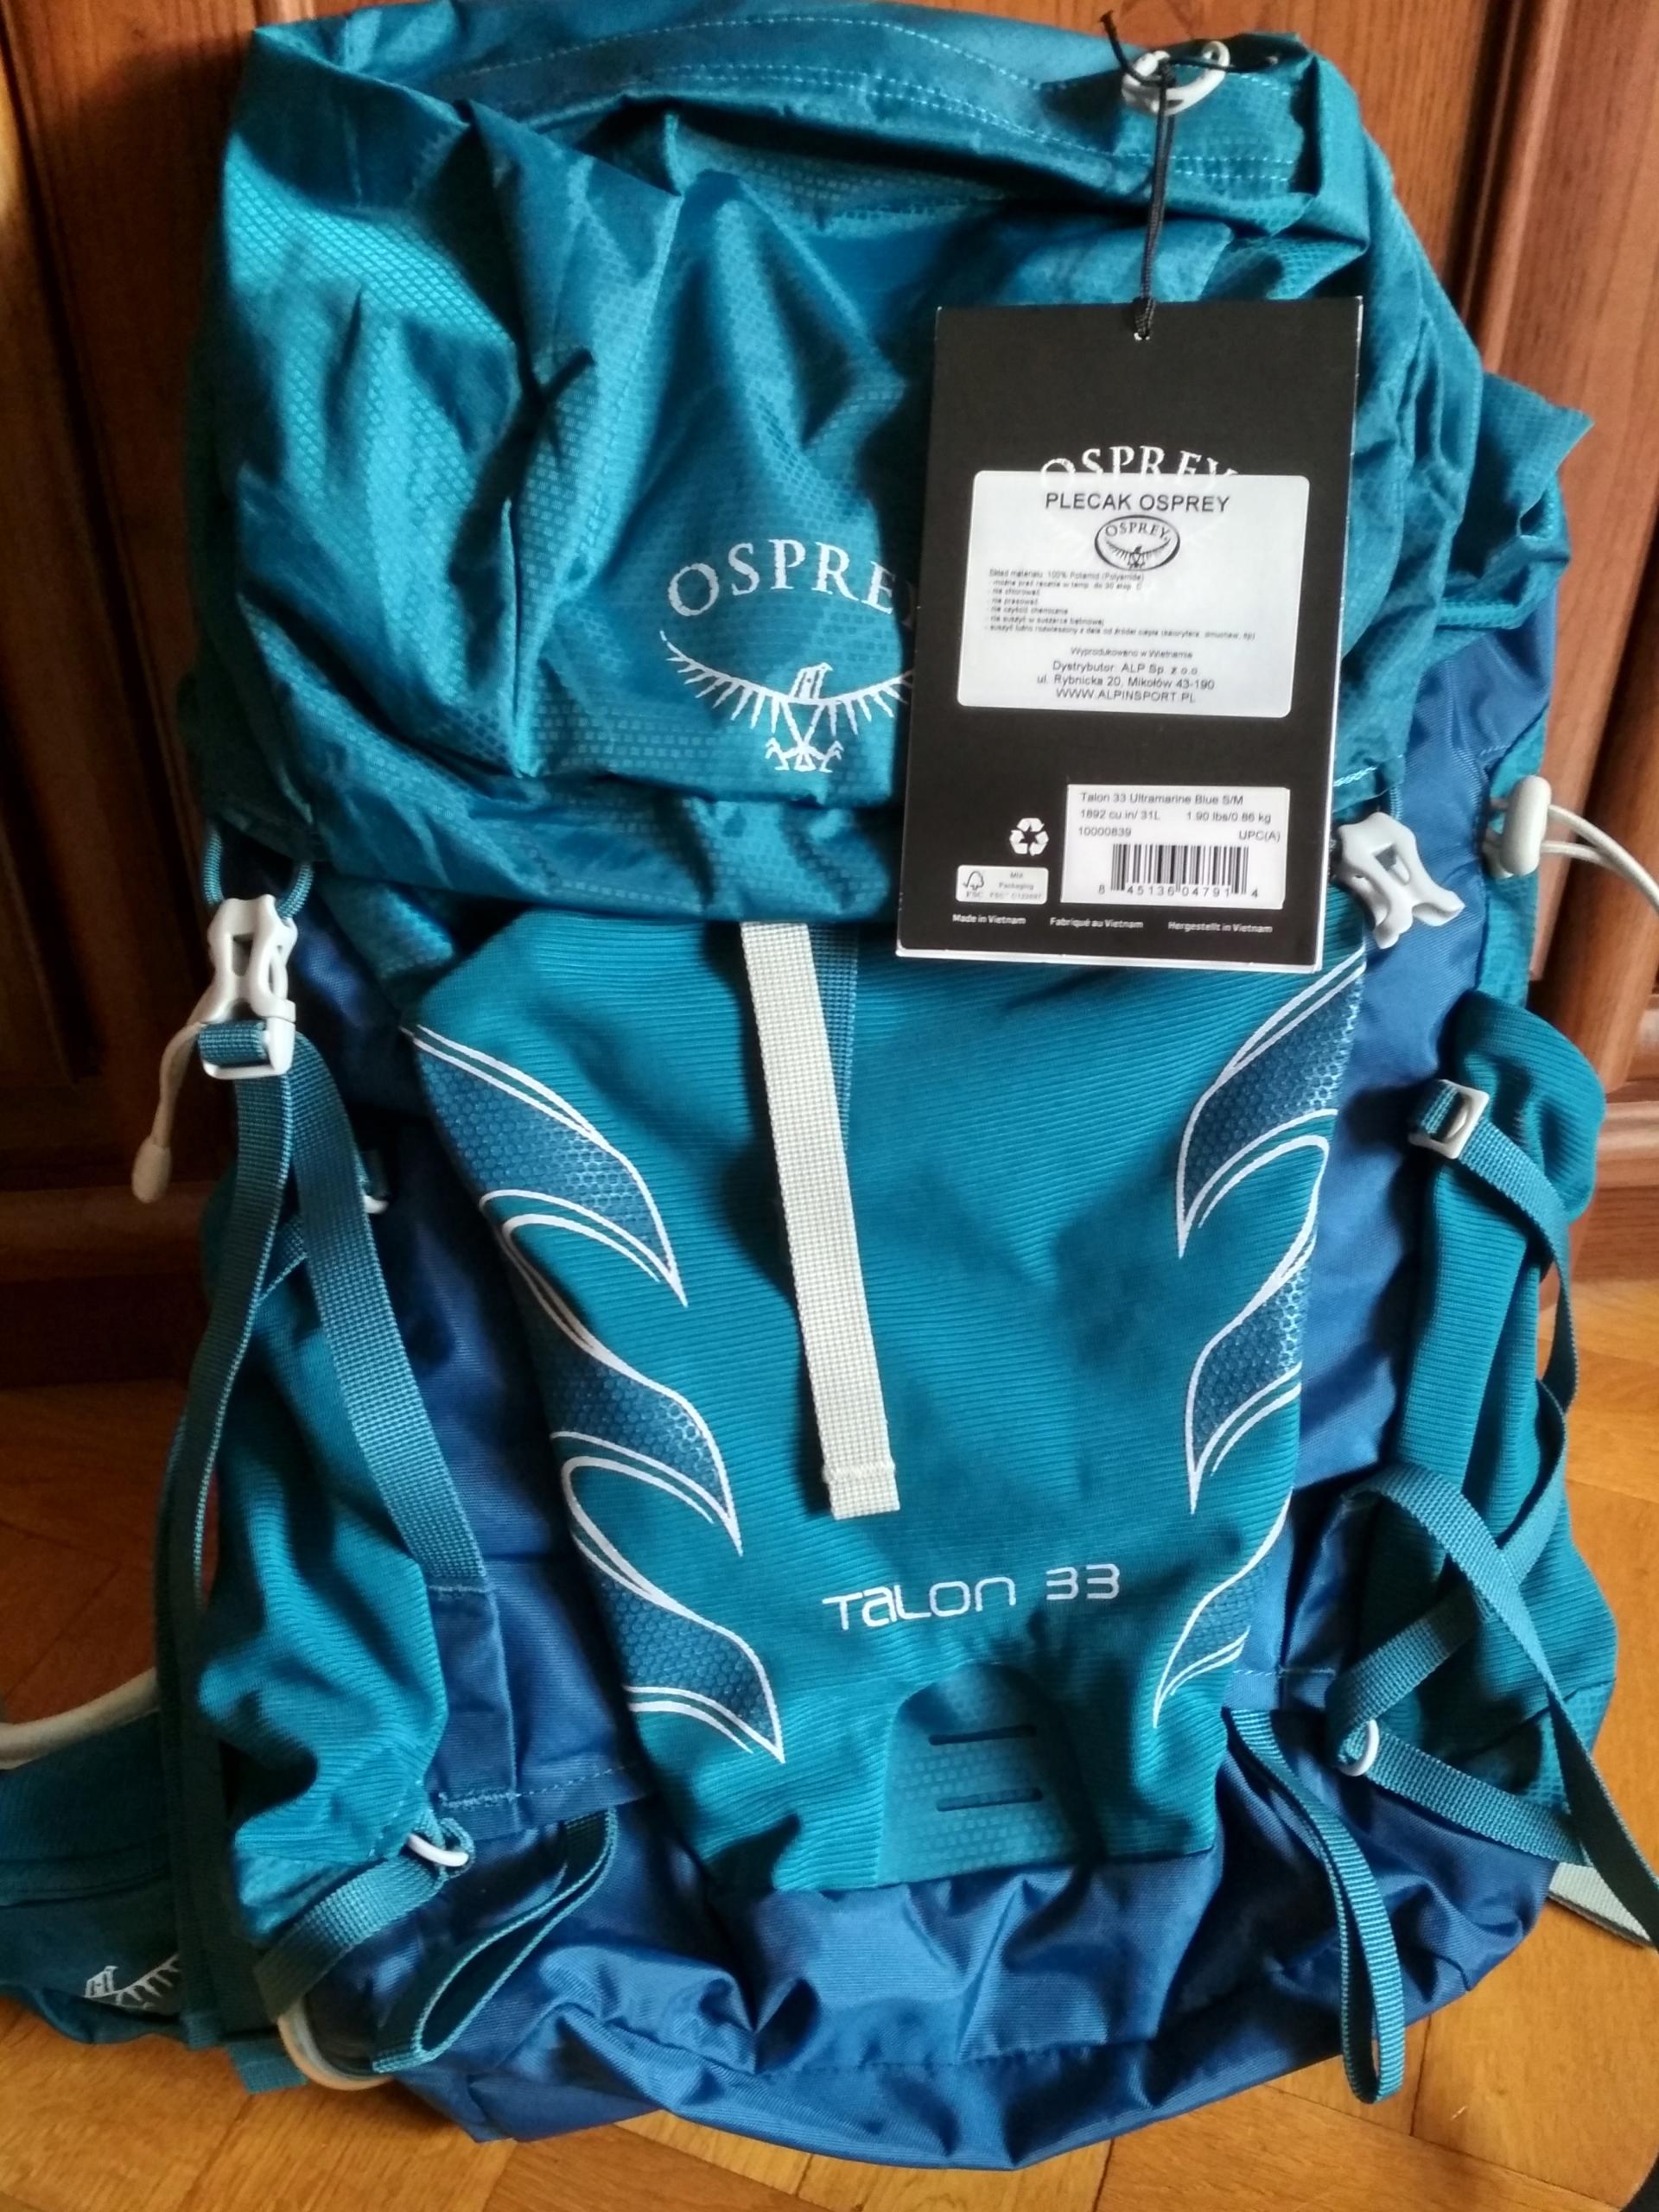 plecak OSPREY Talon 33 S/M